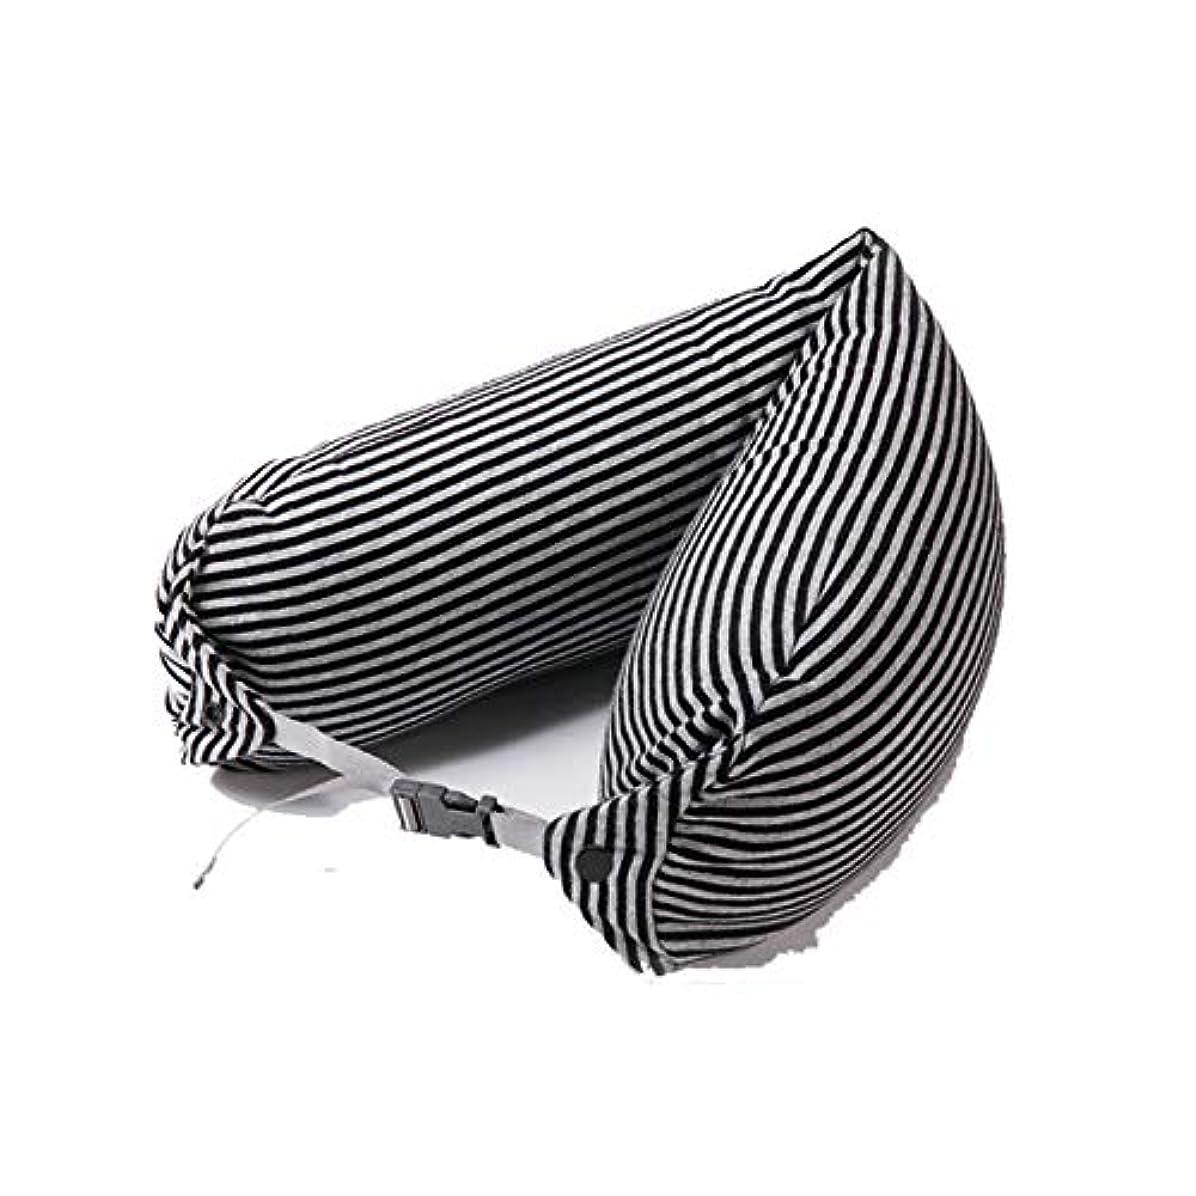 制限する逃す話をするSMART ホームオフィス背もたれ椅子腰椎クッションカーシートネック枕 3D 低反発サポートバックマッサージウエストレスリビング枕 クッション 椅子